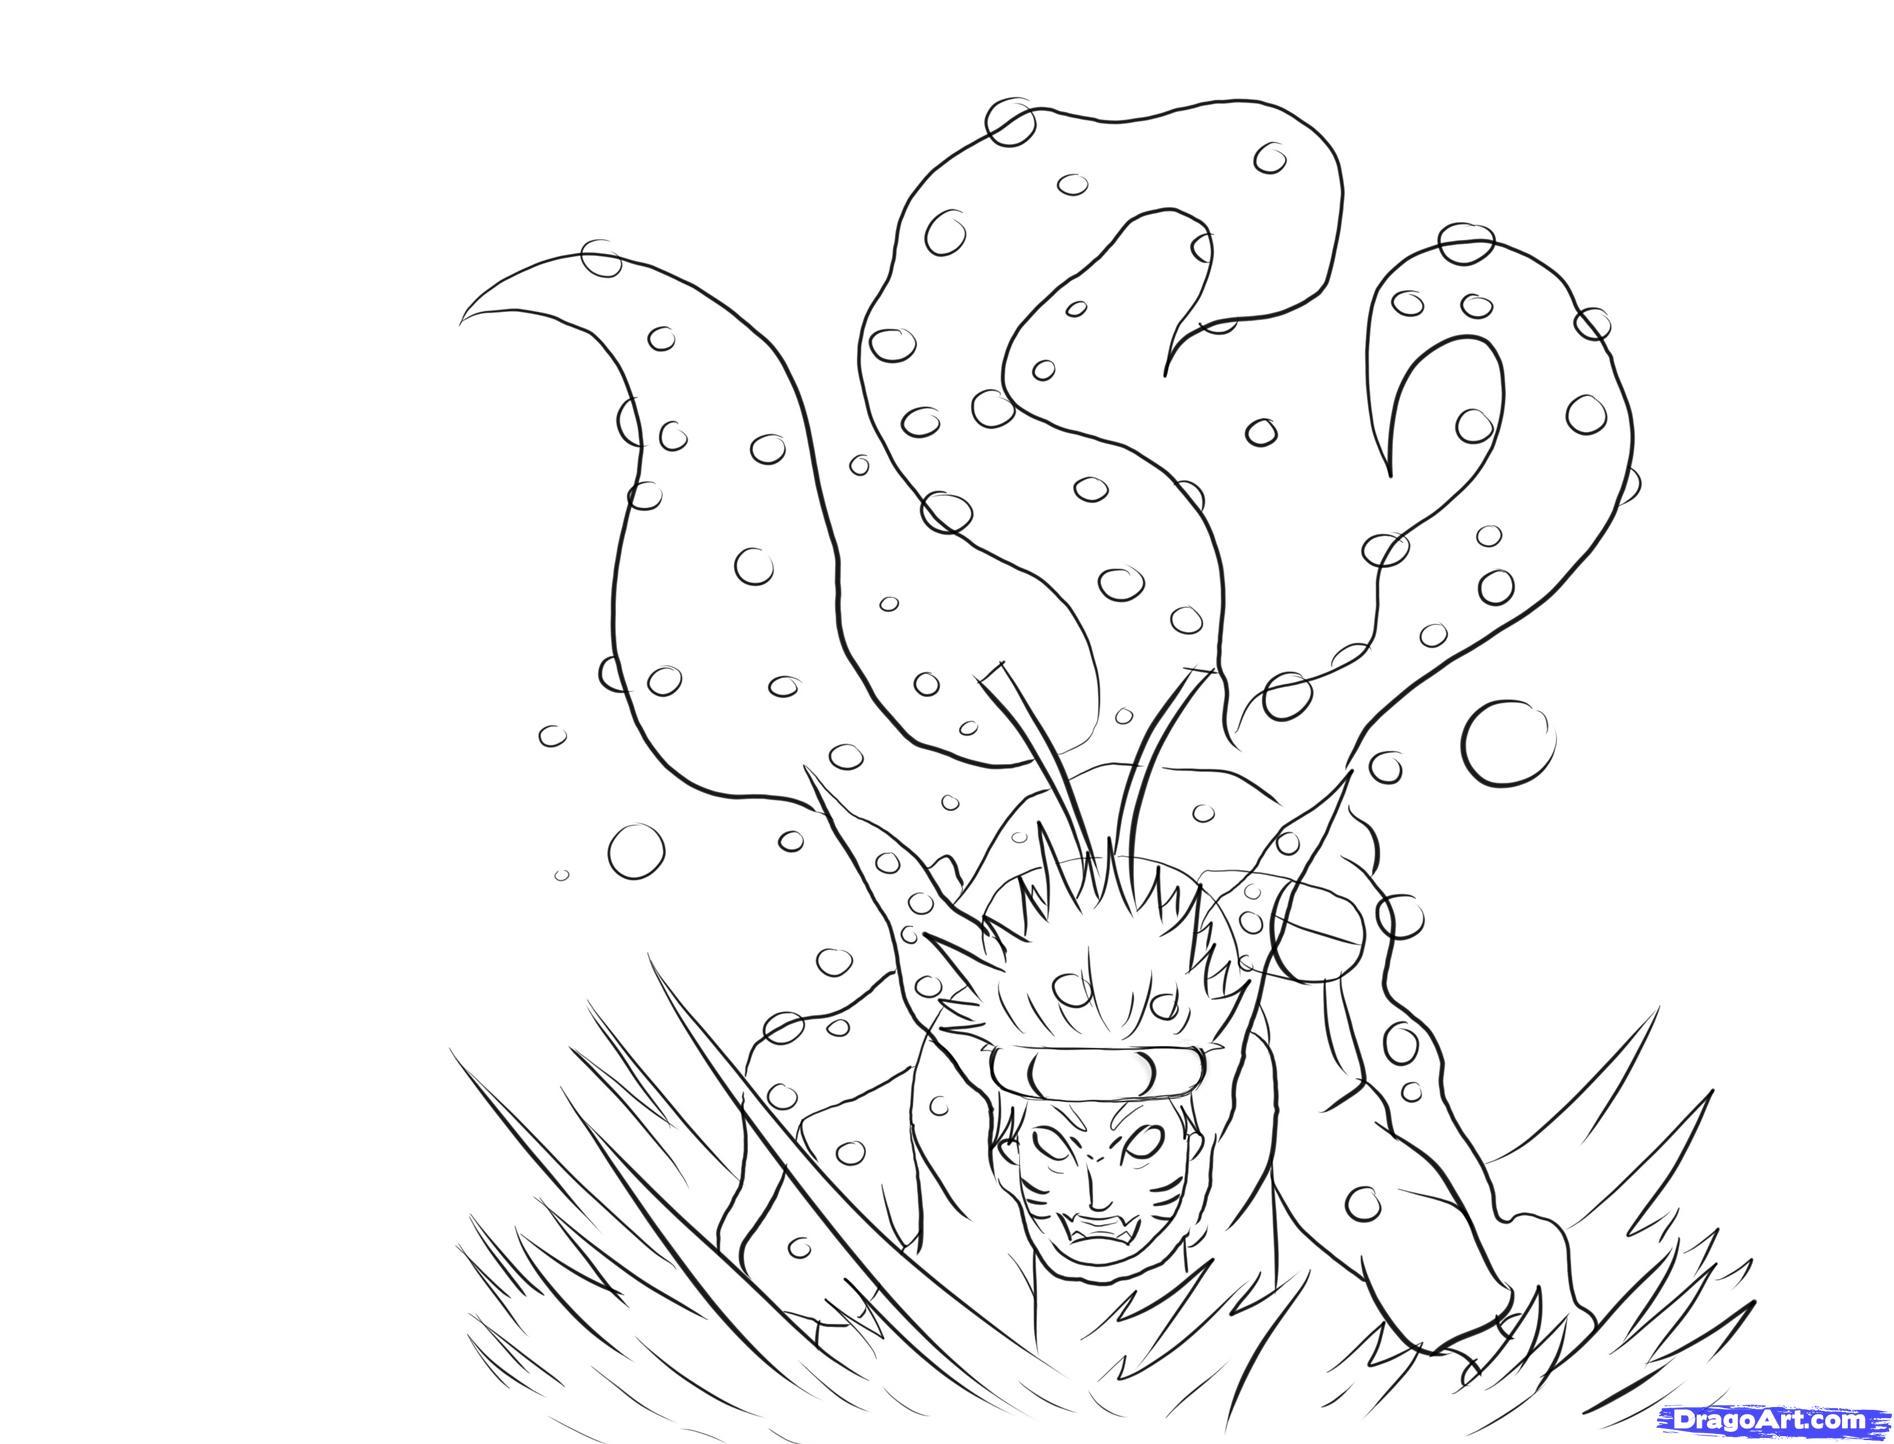 Drawn naruto demon anime By to Naruto Naruto to